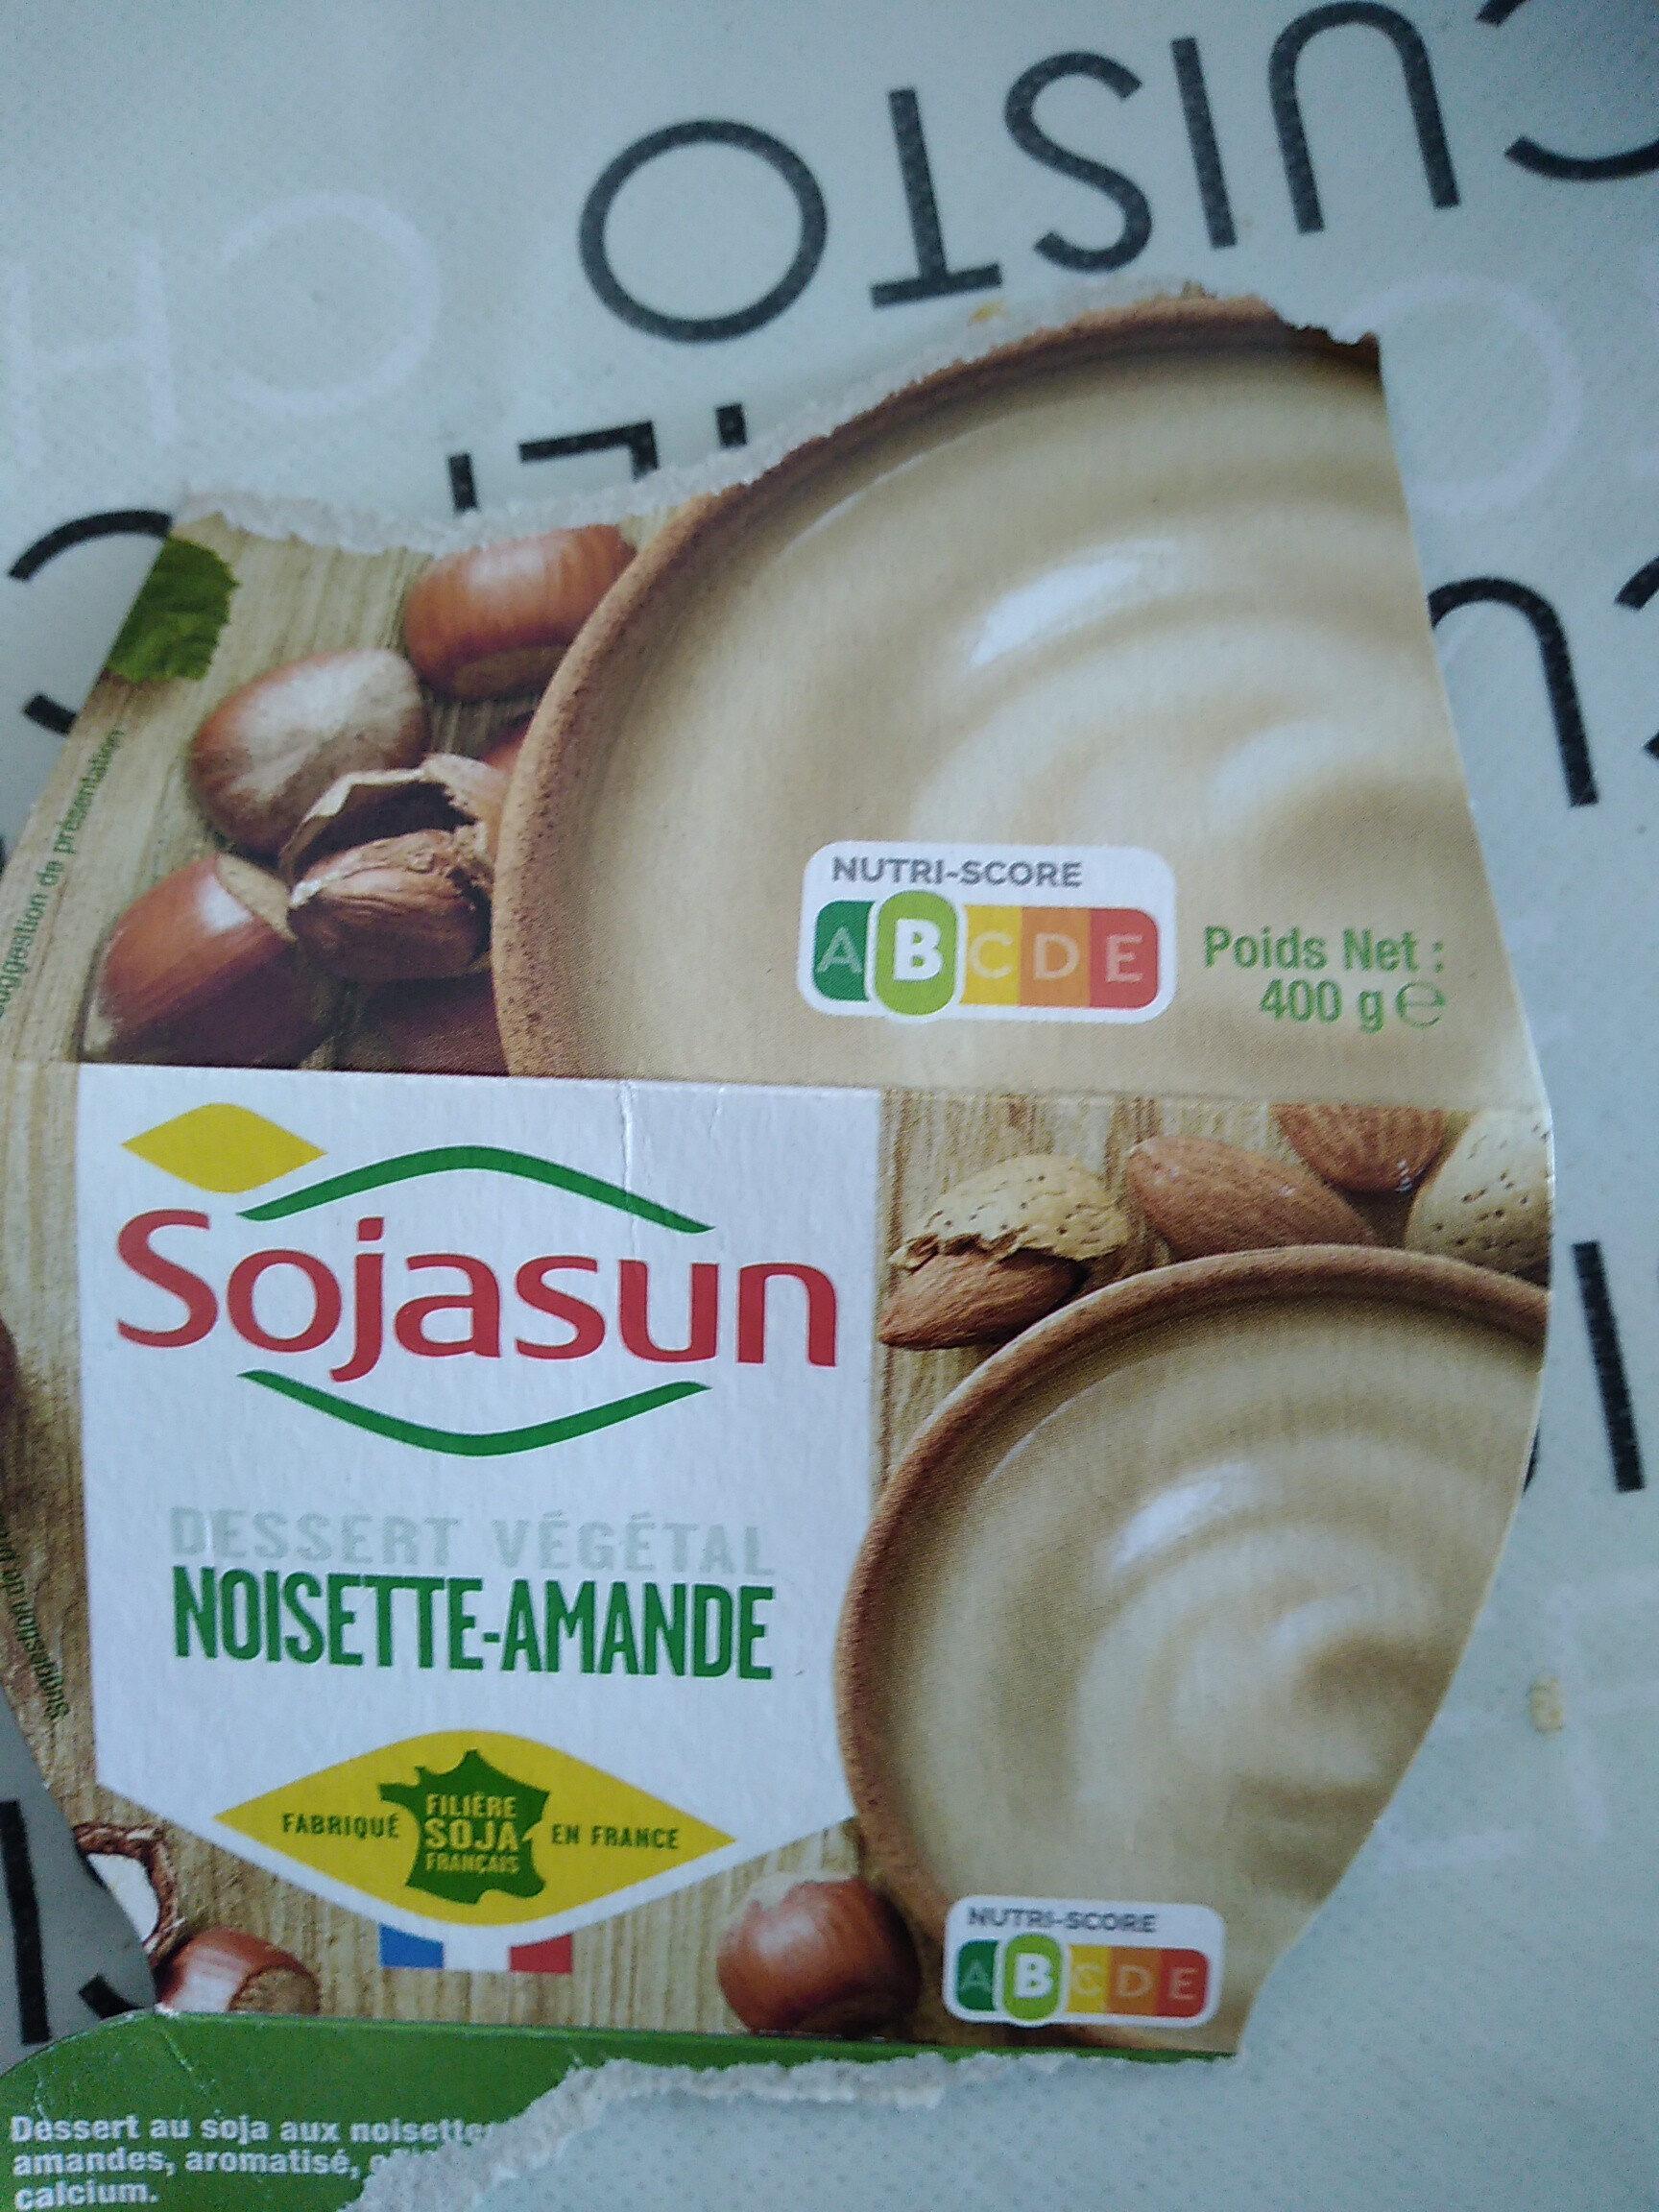 Dessert végétal Noisette-Amande - Produit - fr